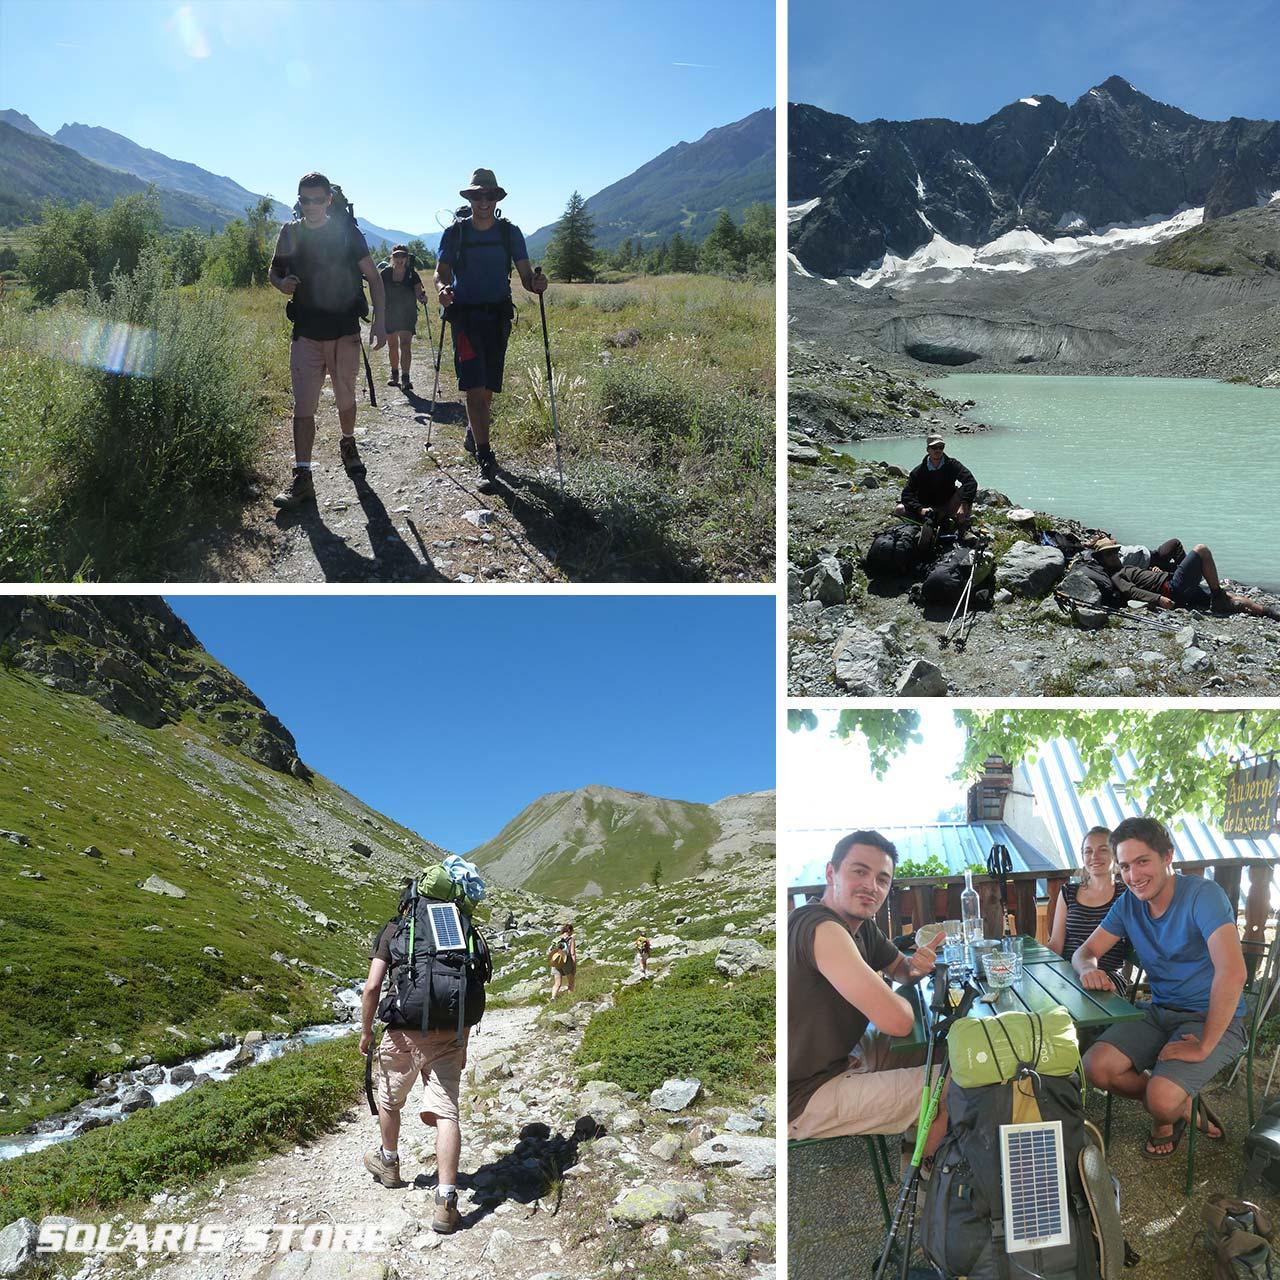 Randonnée Bivouac et Camping sur le GR54 tour de l'oisans et des écrins, entre auris, besse et la Grave